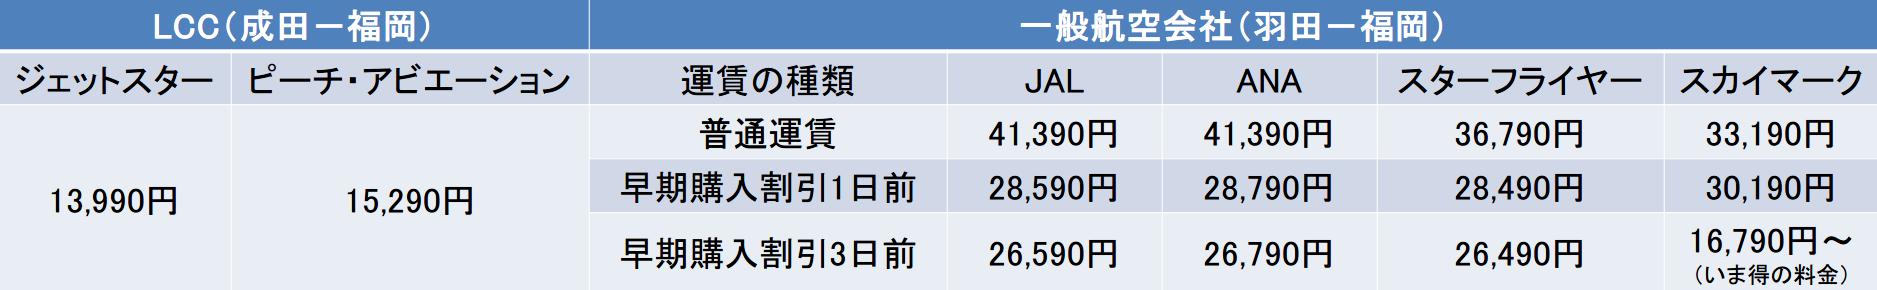 東京-福岡間のキャリア別運賃比較表